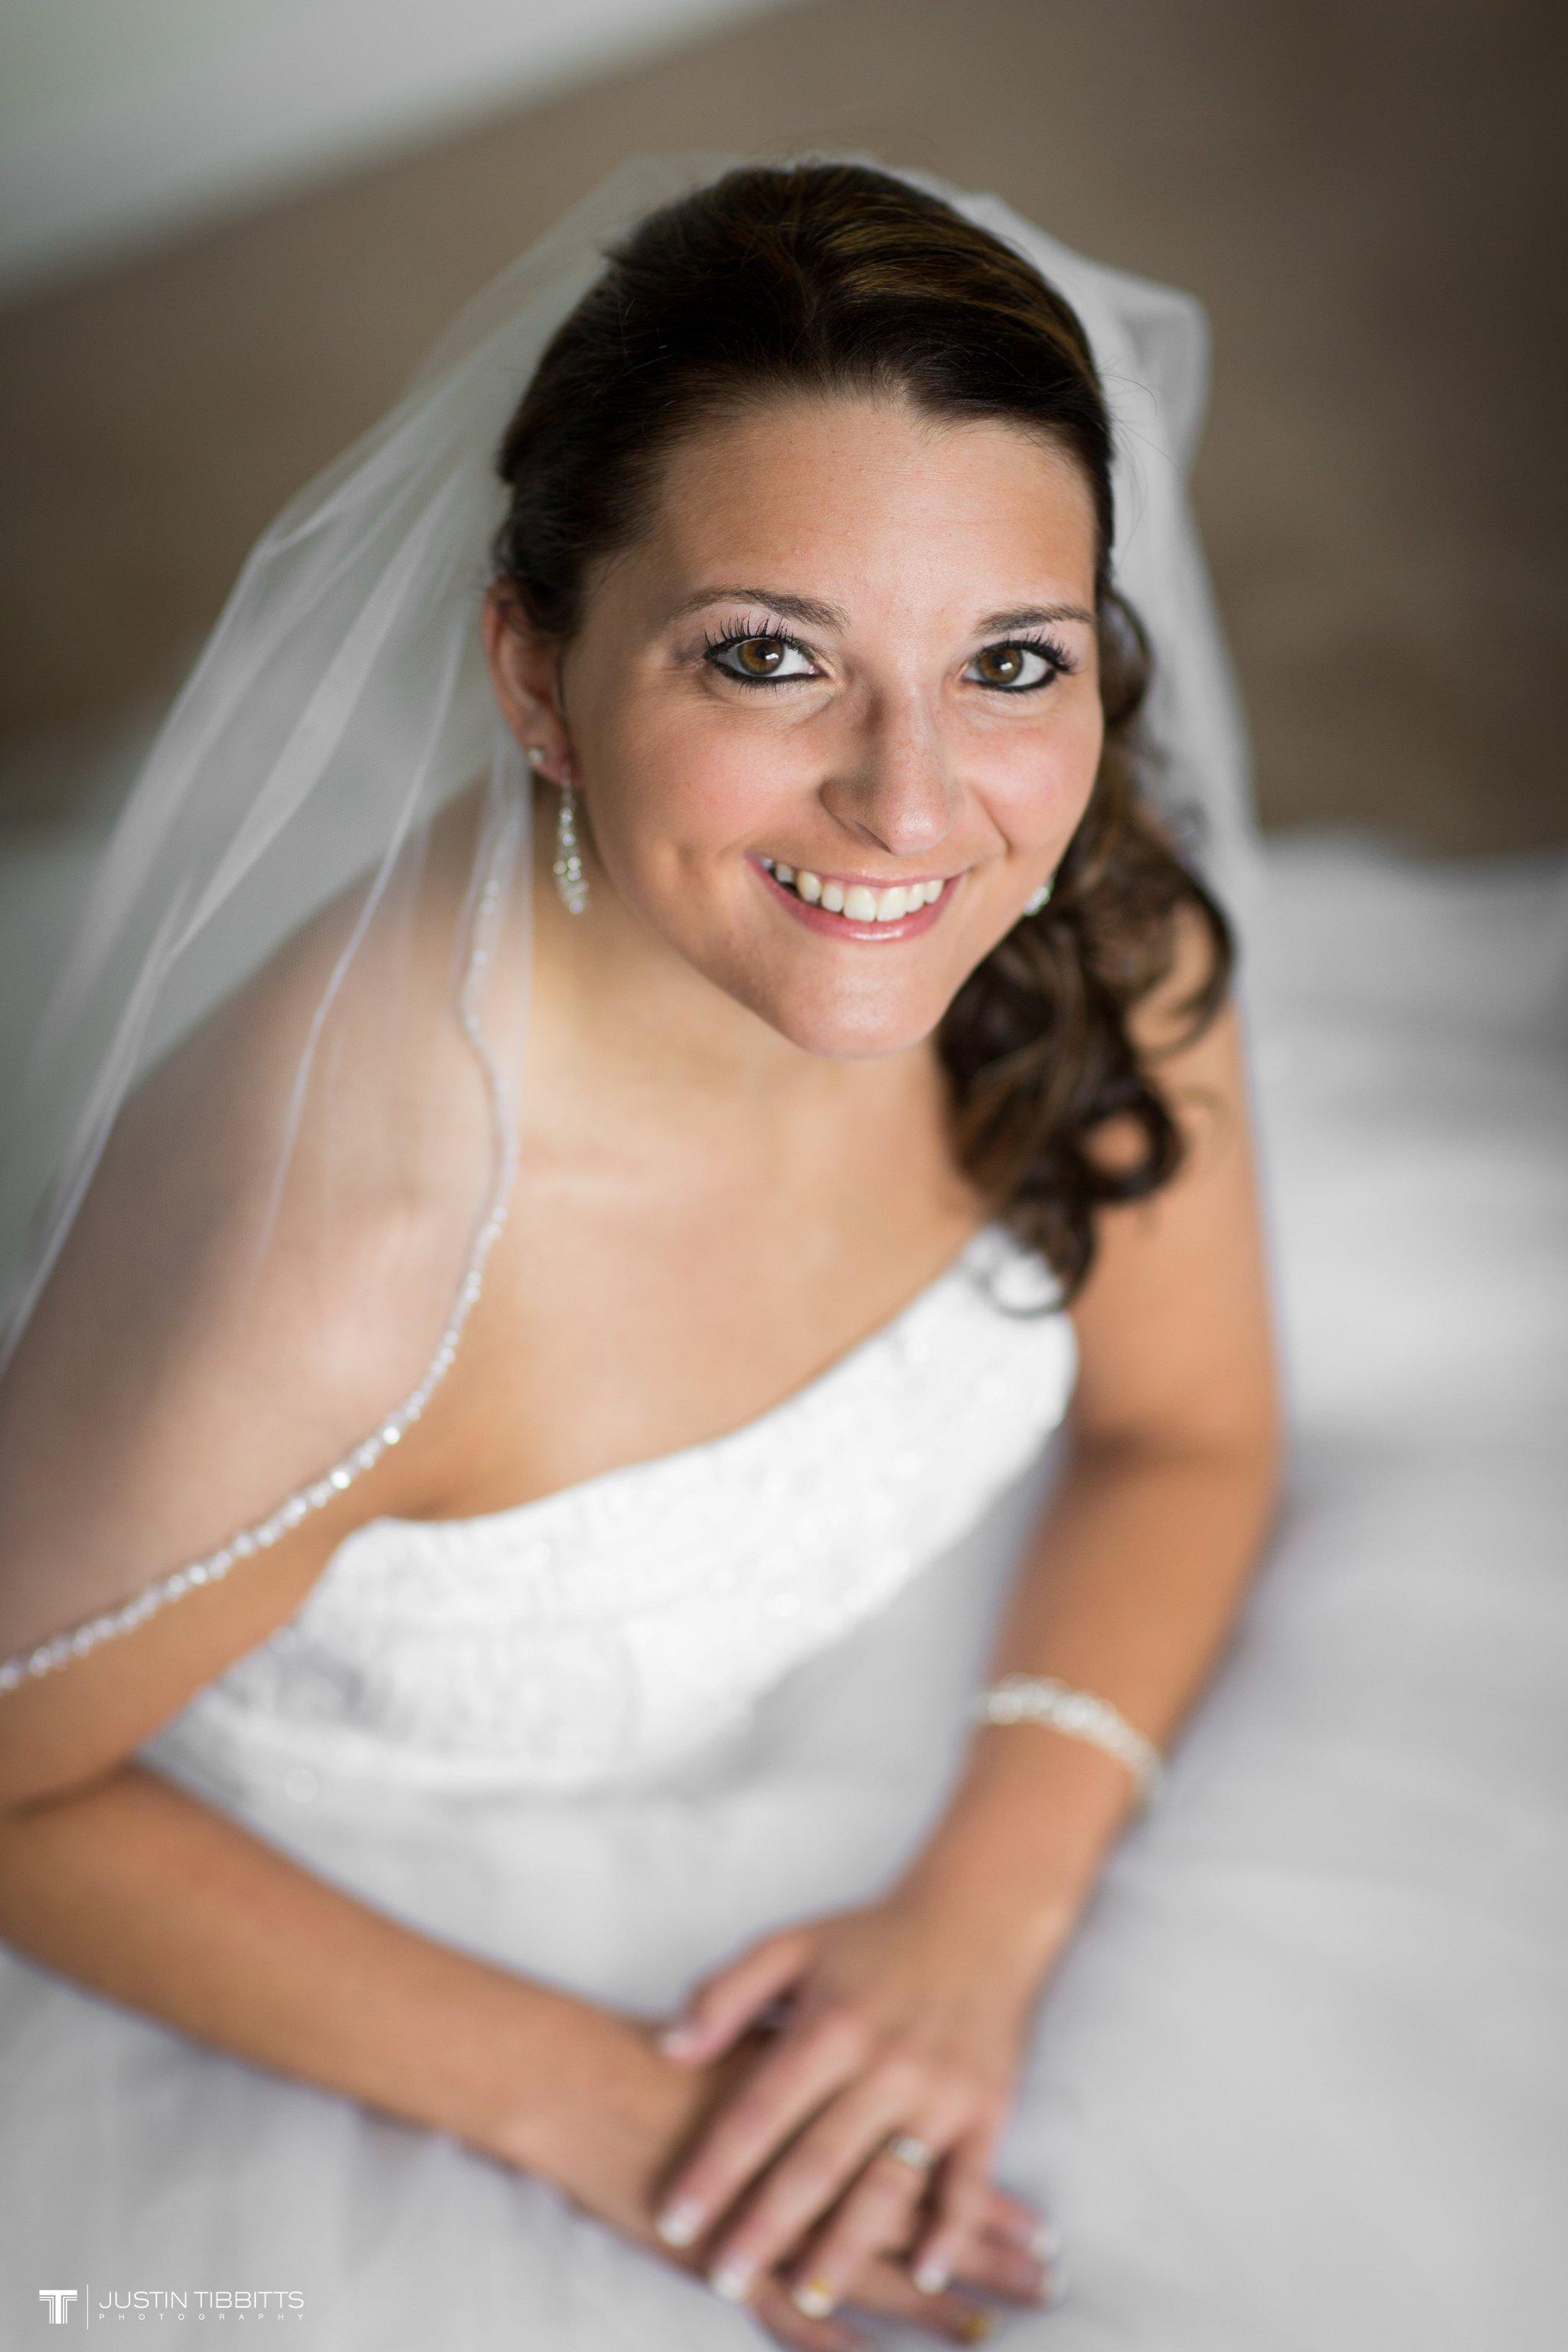 Albany NY Wedding Photographer Justin Tibbitts Photography Best of Albany NY Weddings 201484